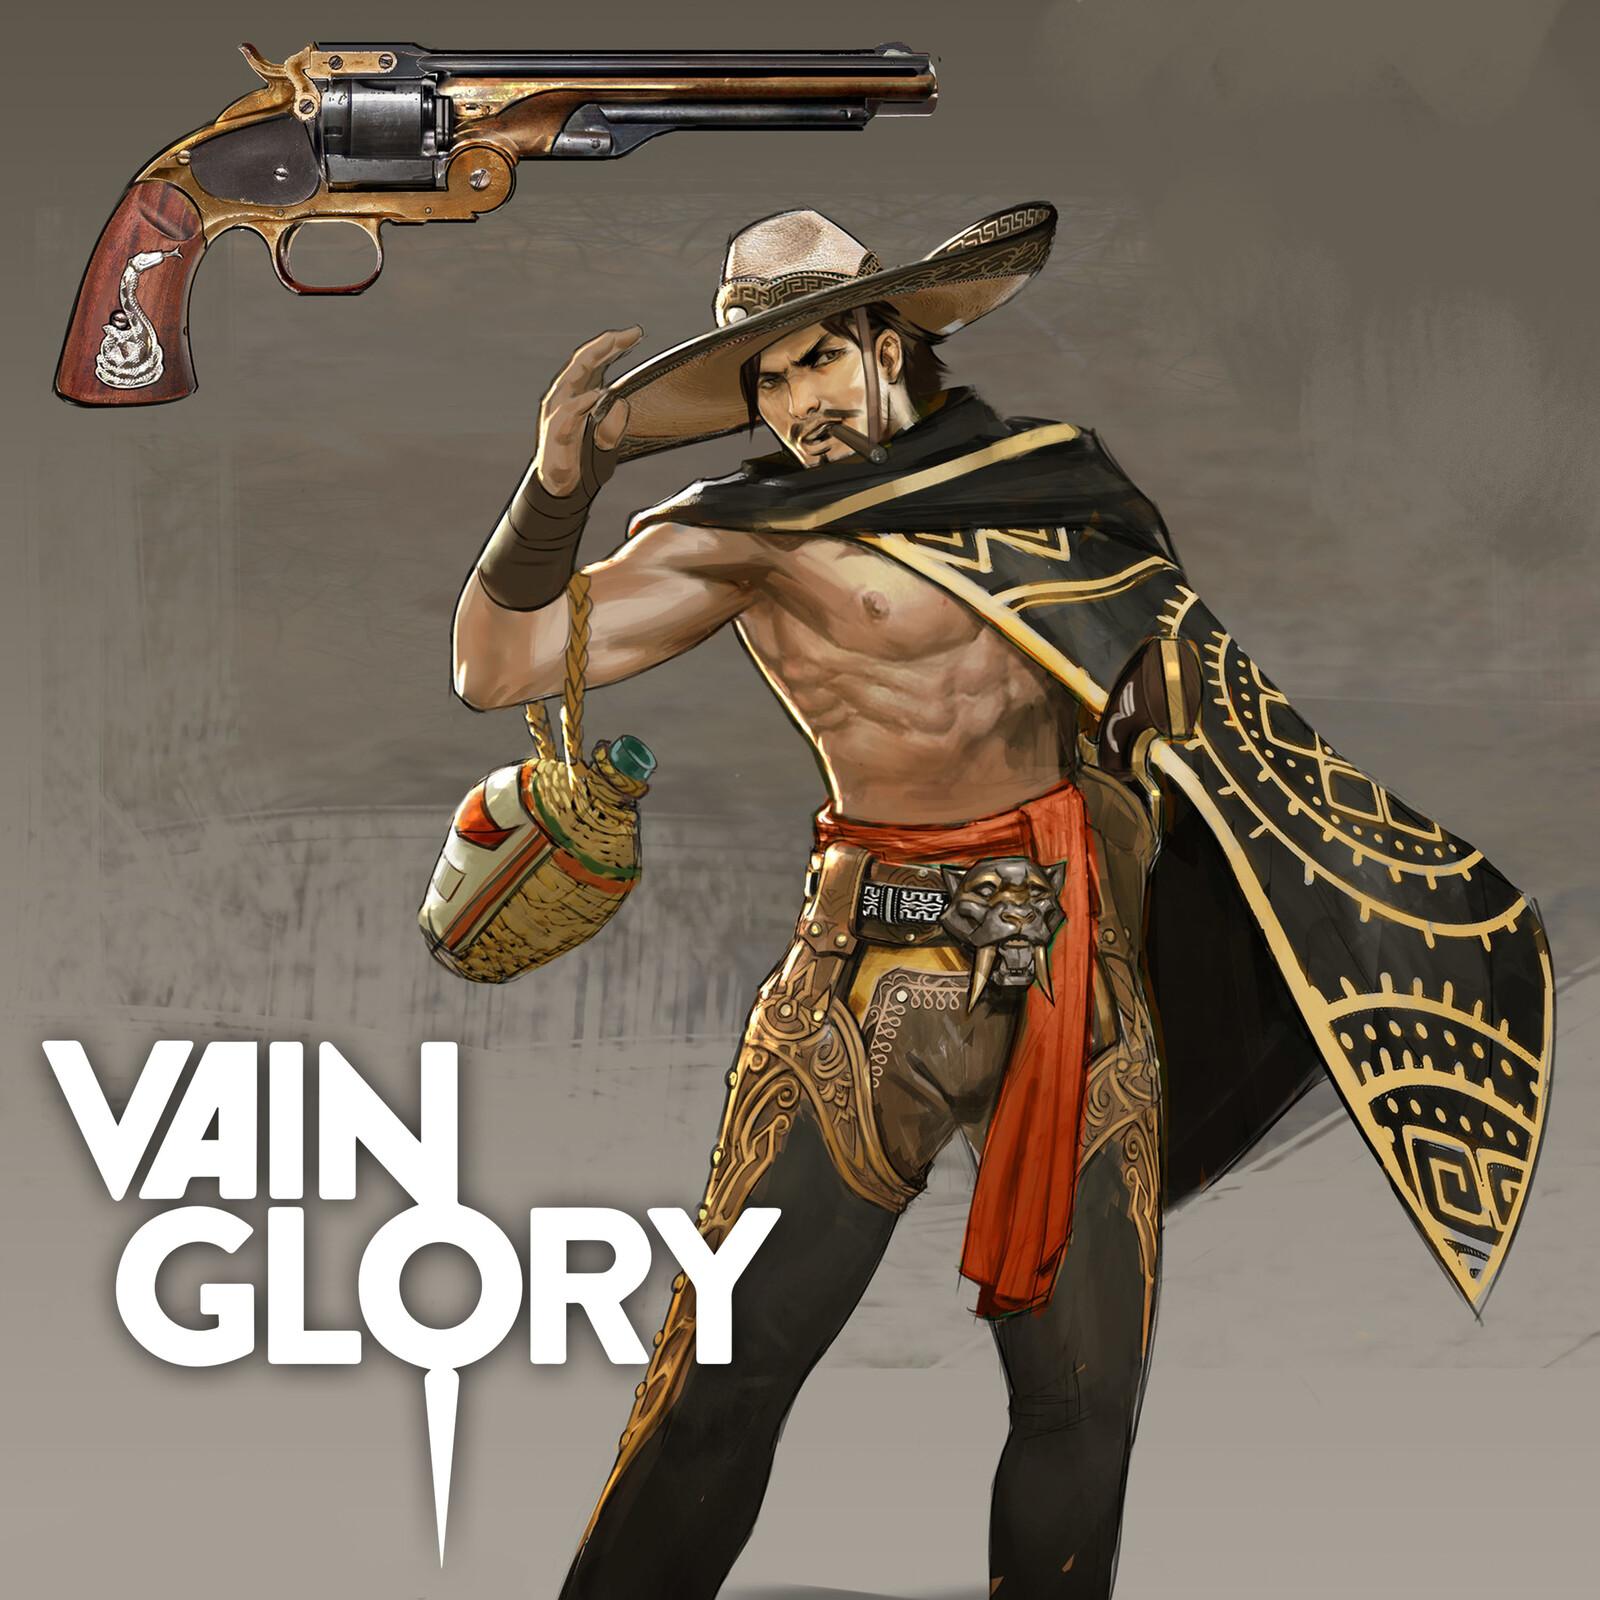 Vaquero Ringo Vainglory Skin Design